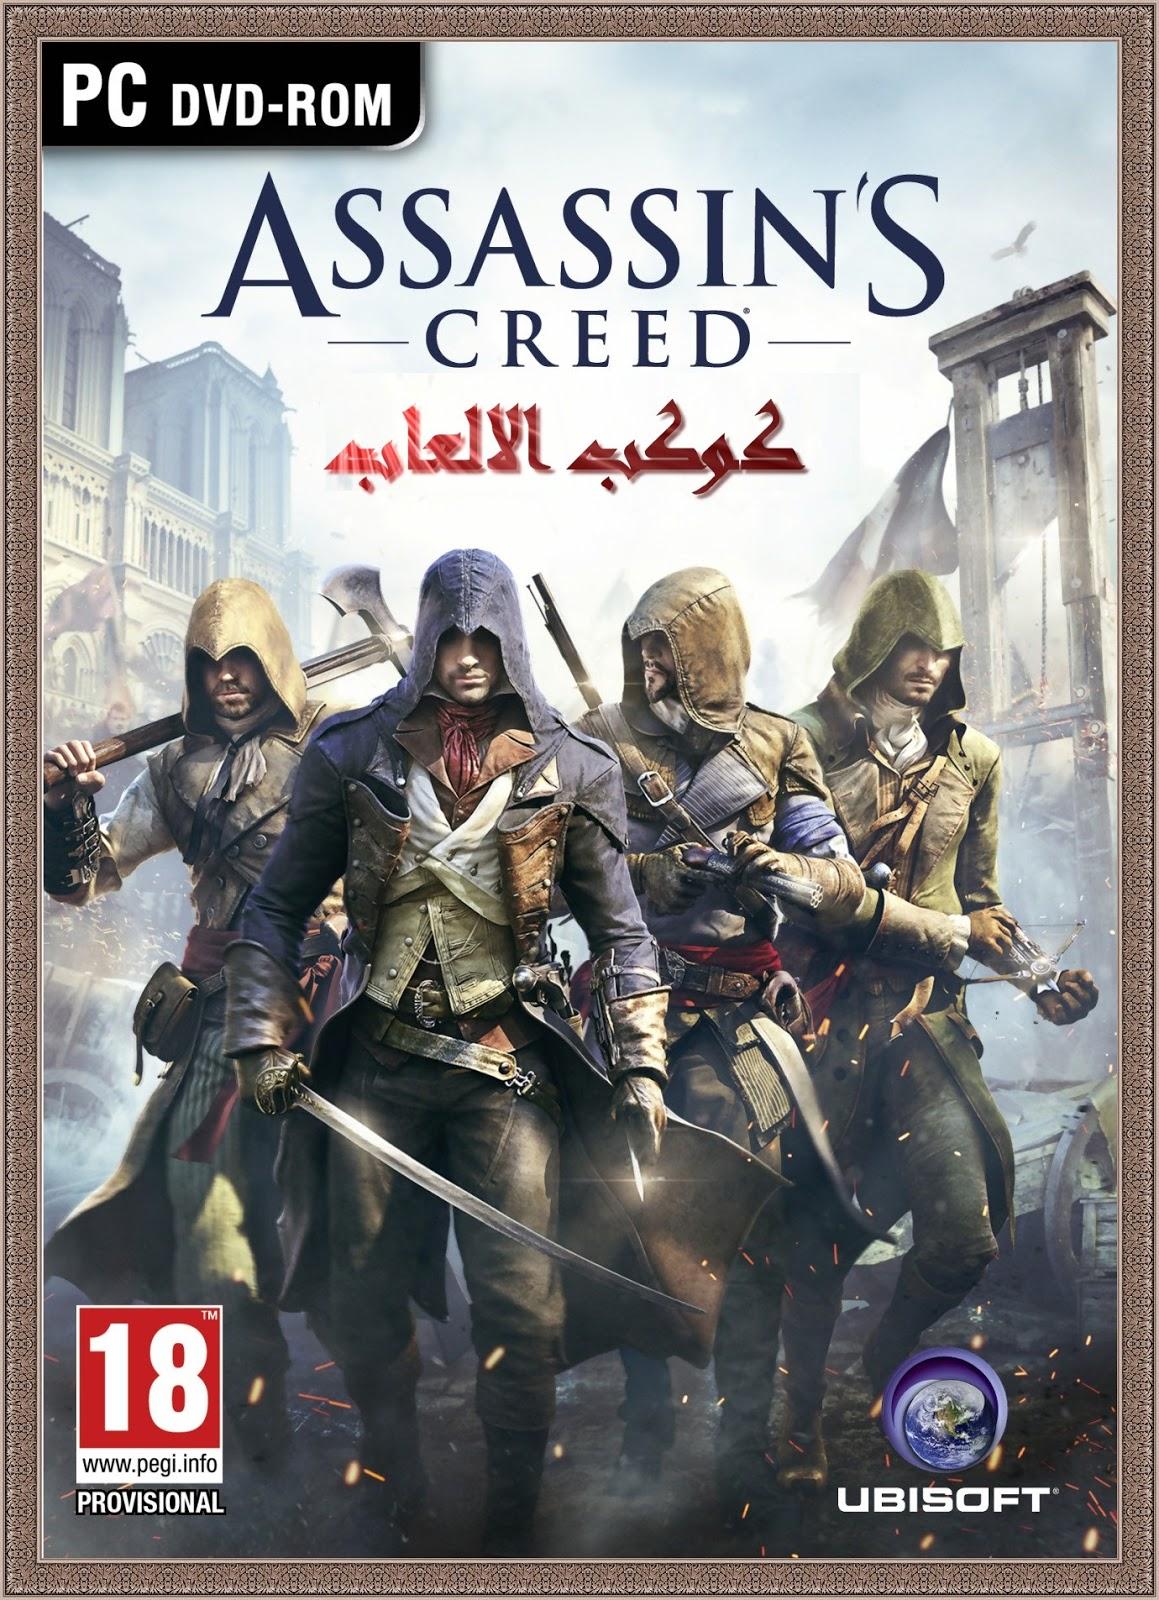 تحميل لعبة اساسنز كريد 2015 Assassin's Creed